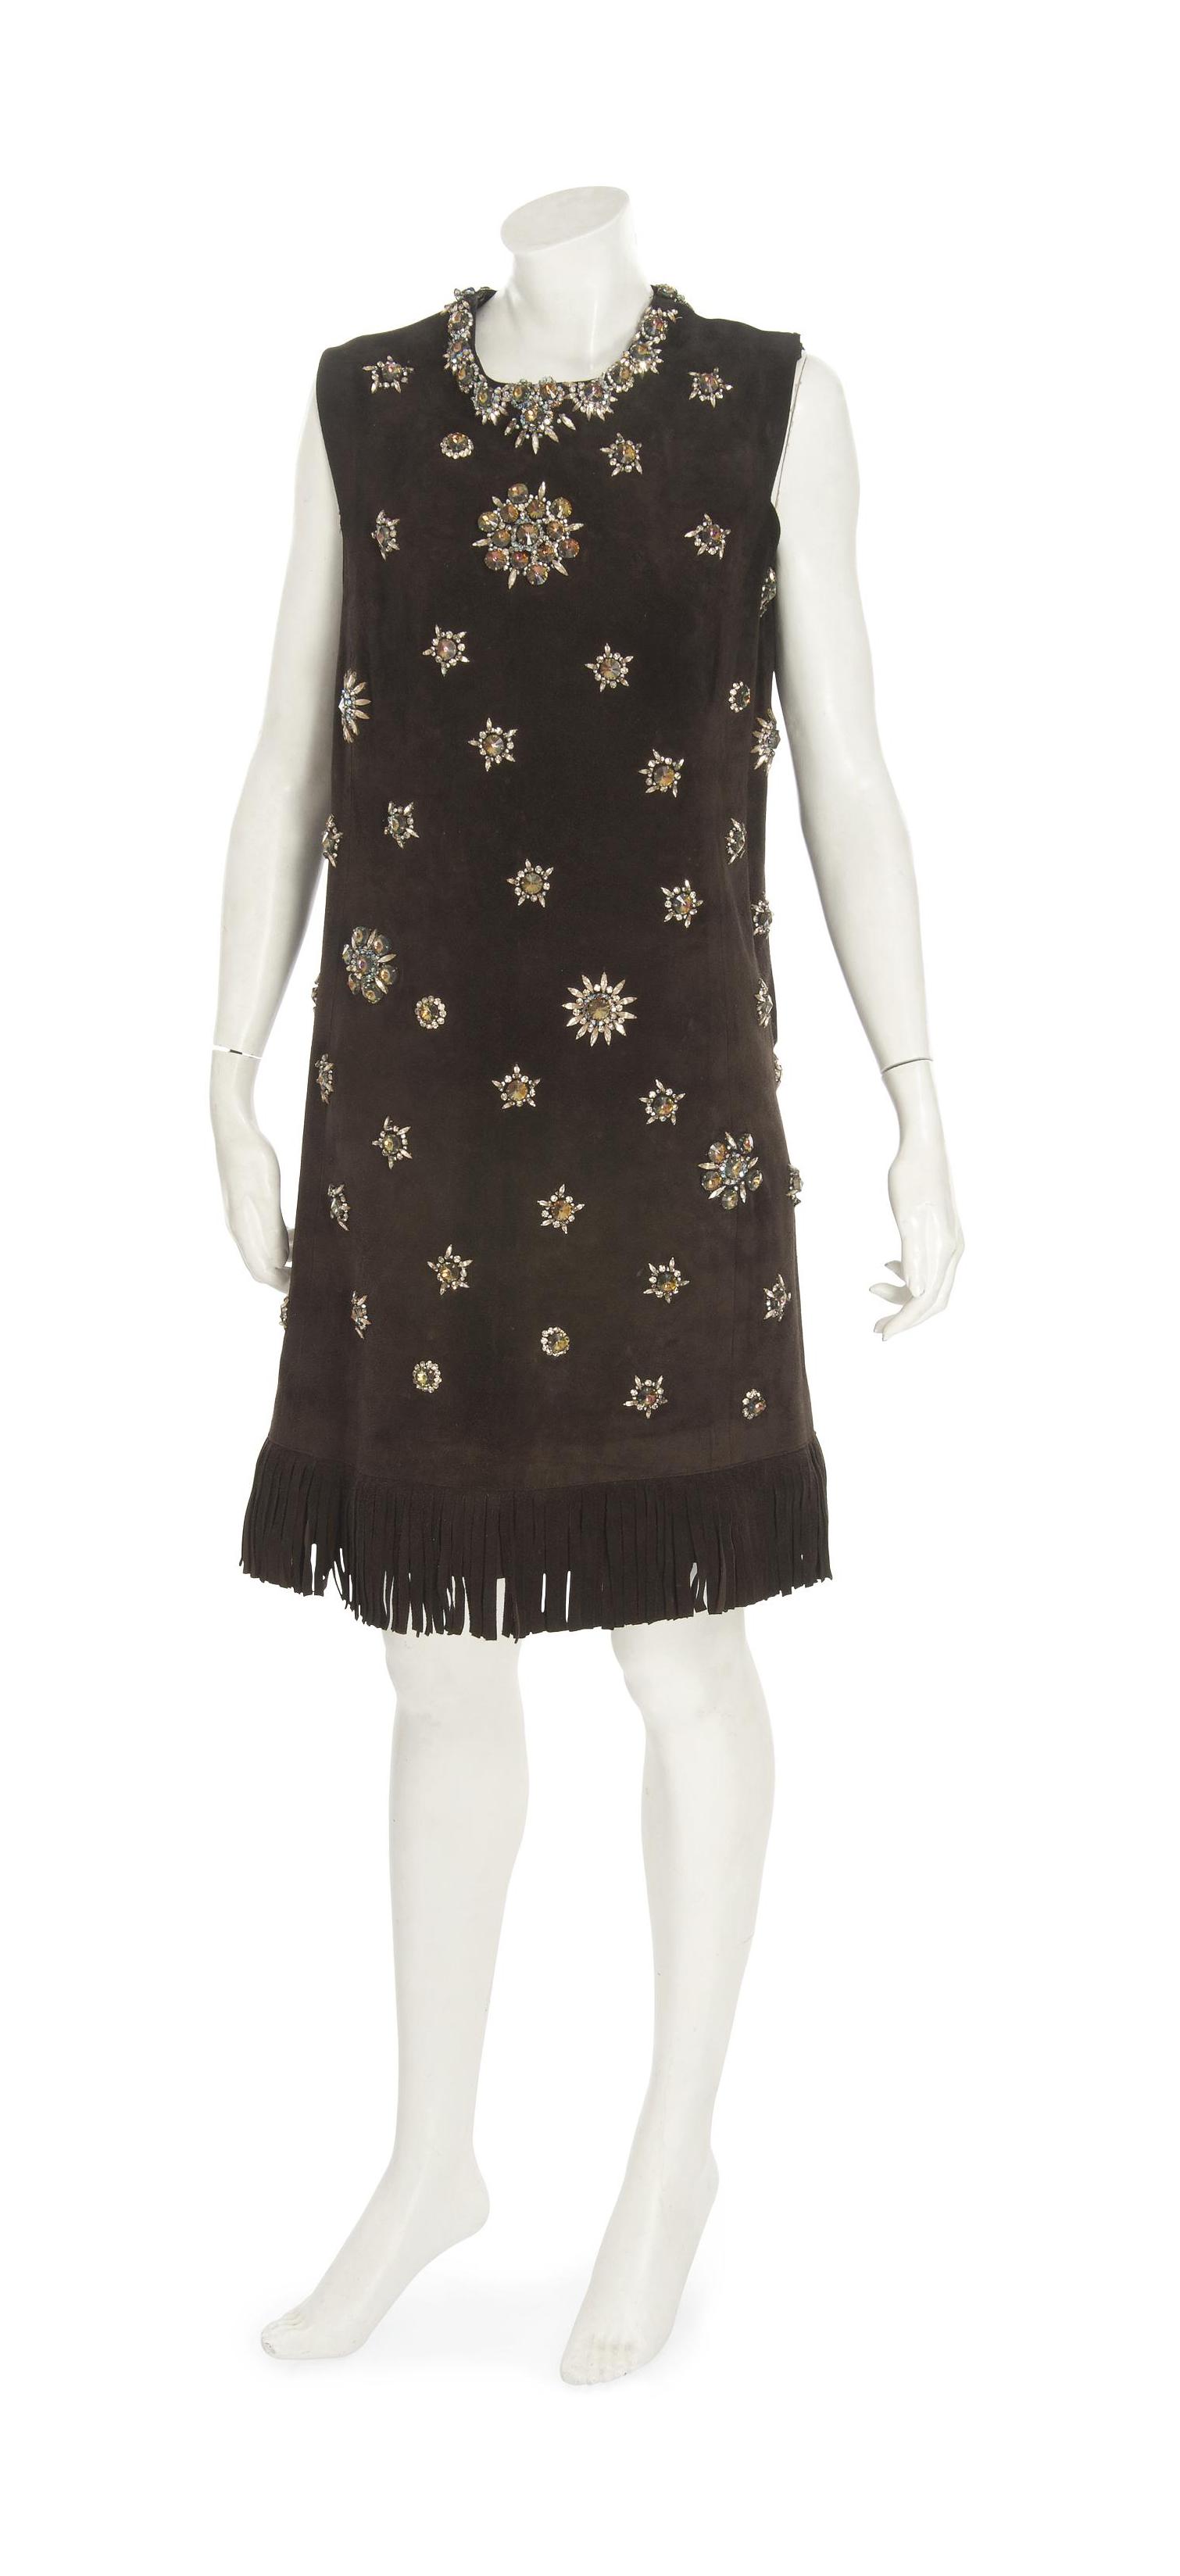 A BROWN SUEDE MINI DRESS